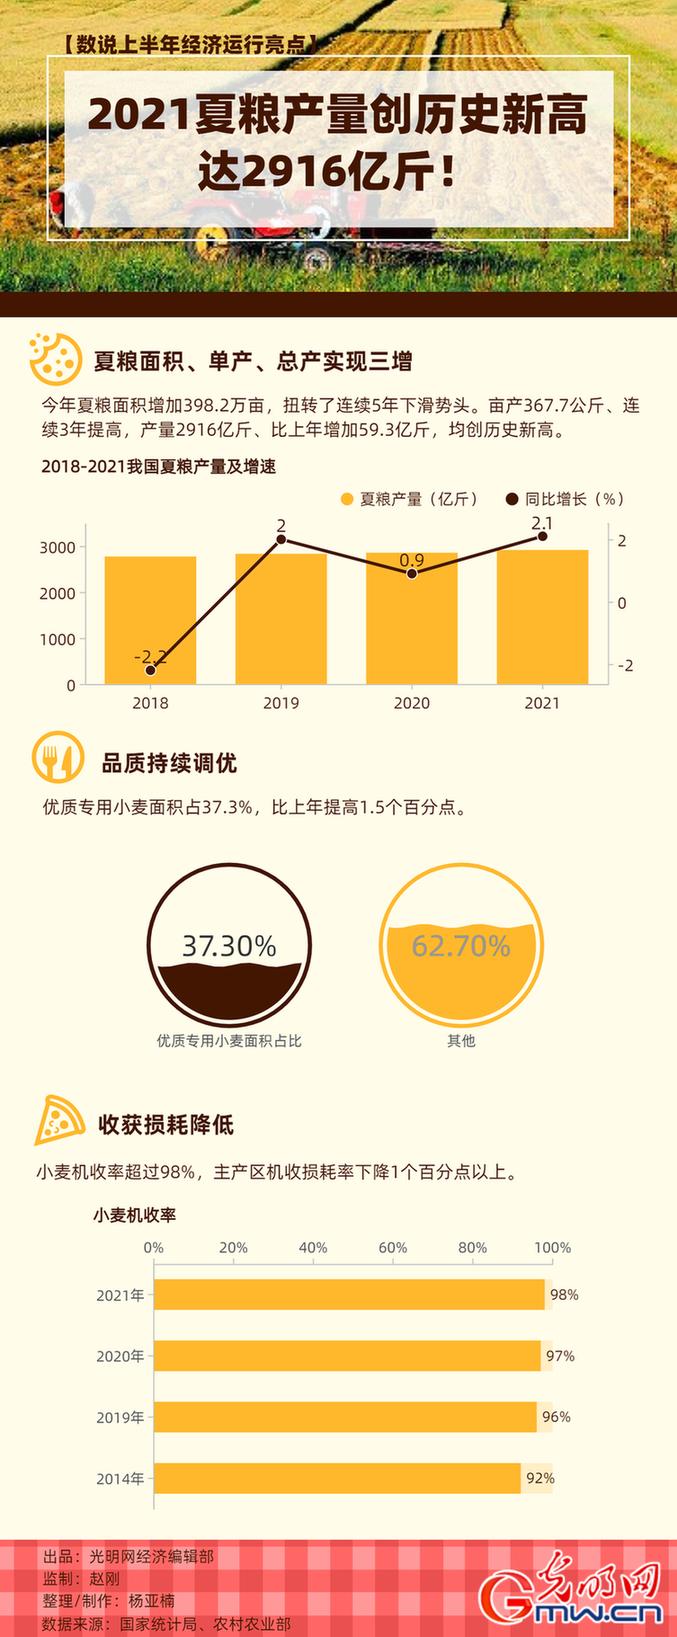 【数说上半年经济运行亮点】2021年夏粮产量创历史新高!达2916亿斤